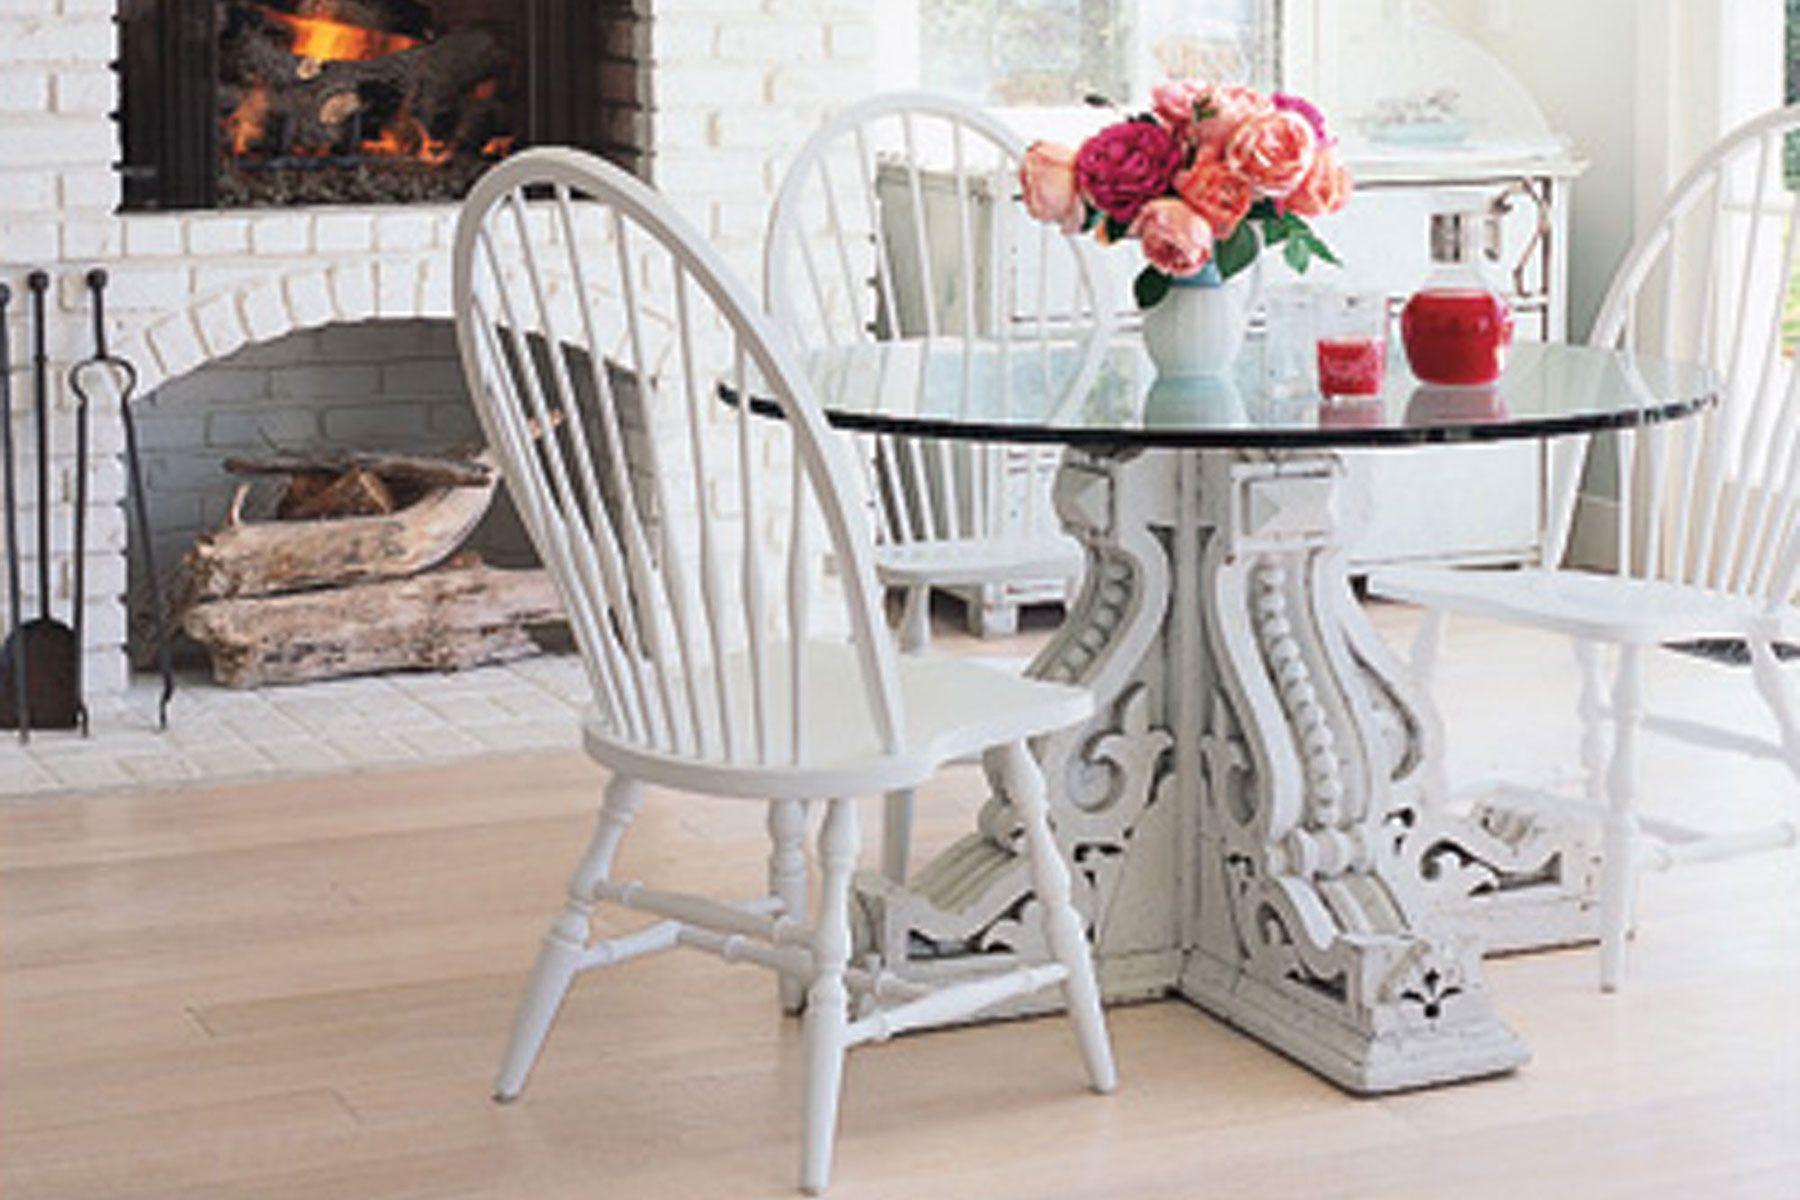 Carolyn Espley Miller Slim Paley Beach House Table Dining Table Home Decor